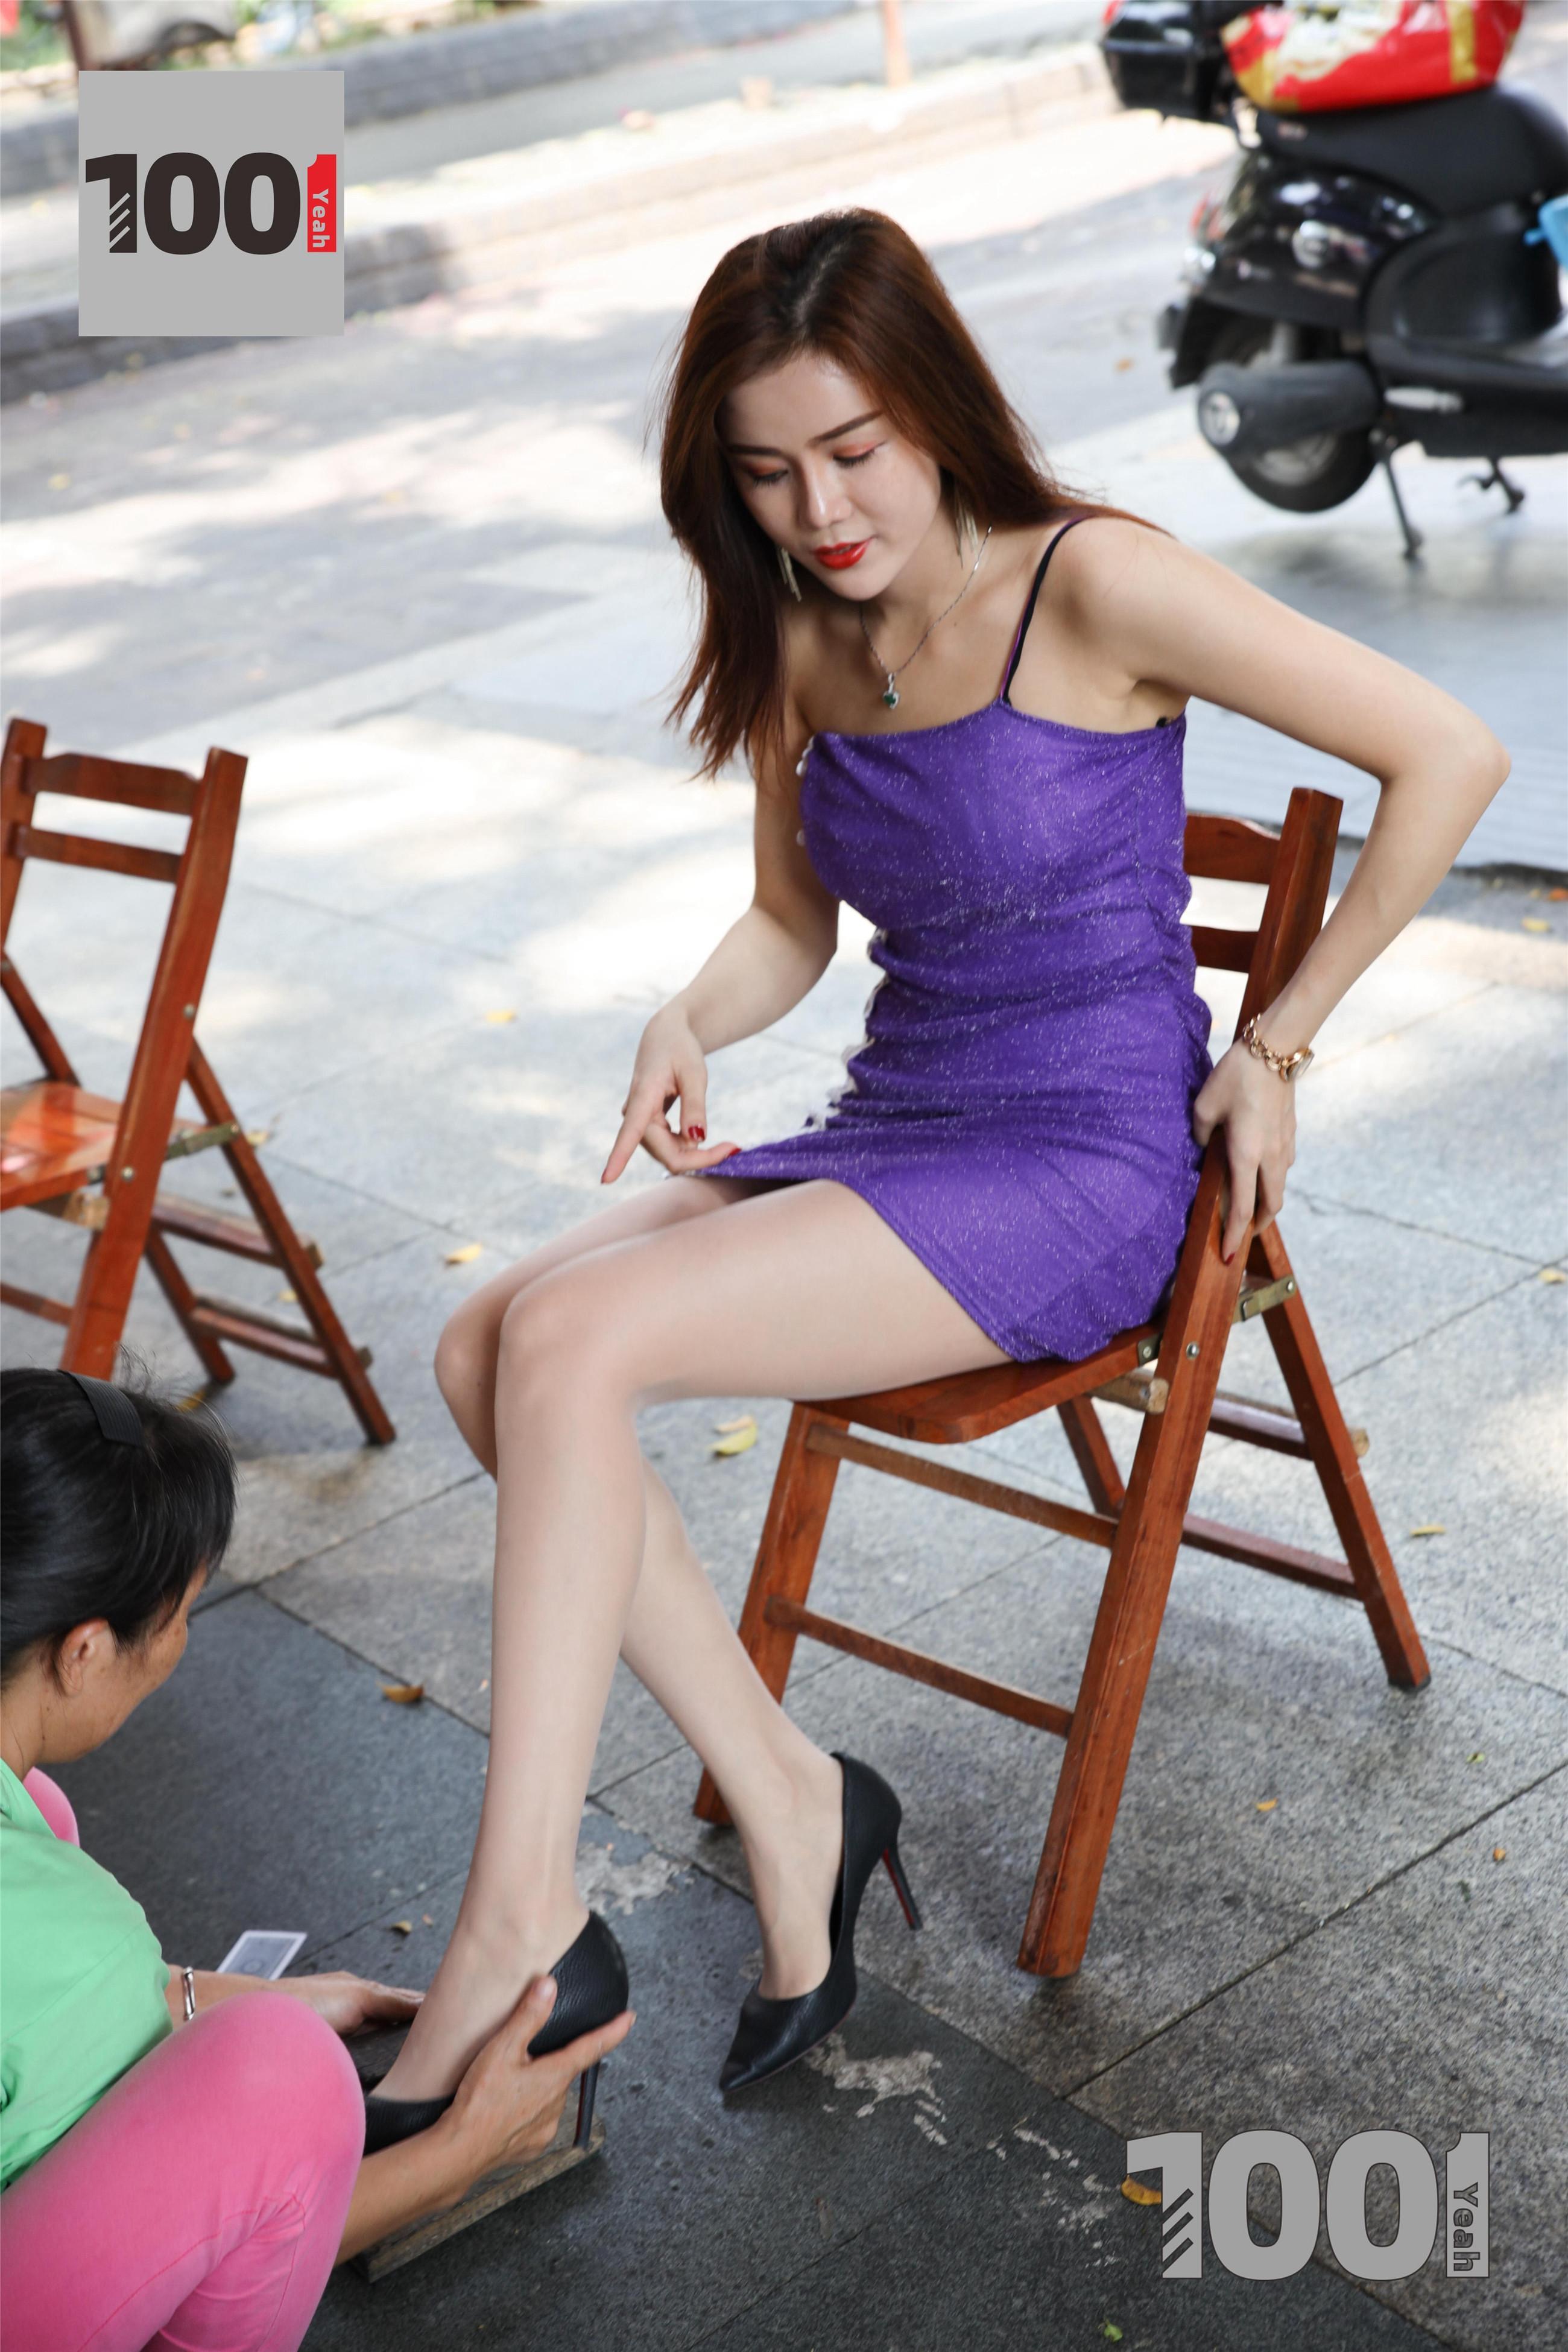 1001夜丝事 模特:Lucy 擦鞋1(相信这样的擦鞋业务是你梦寐以求吗?)